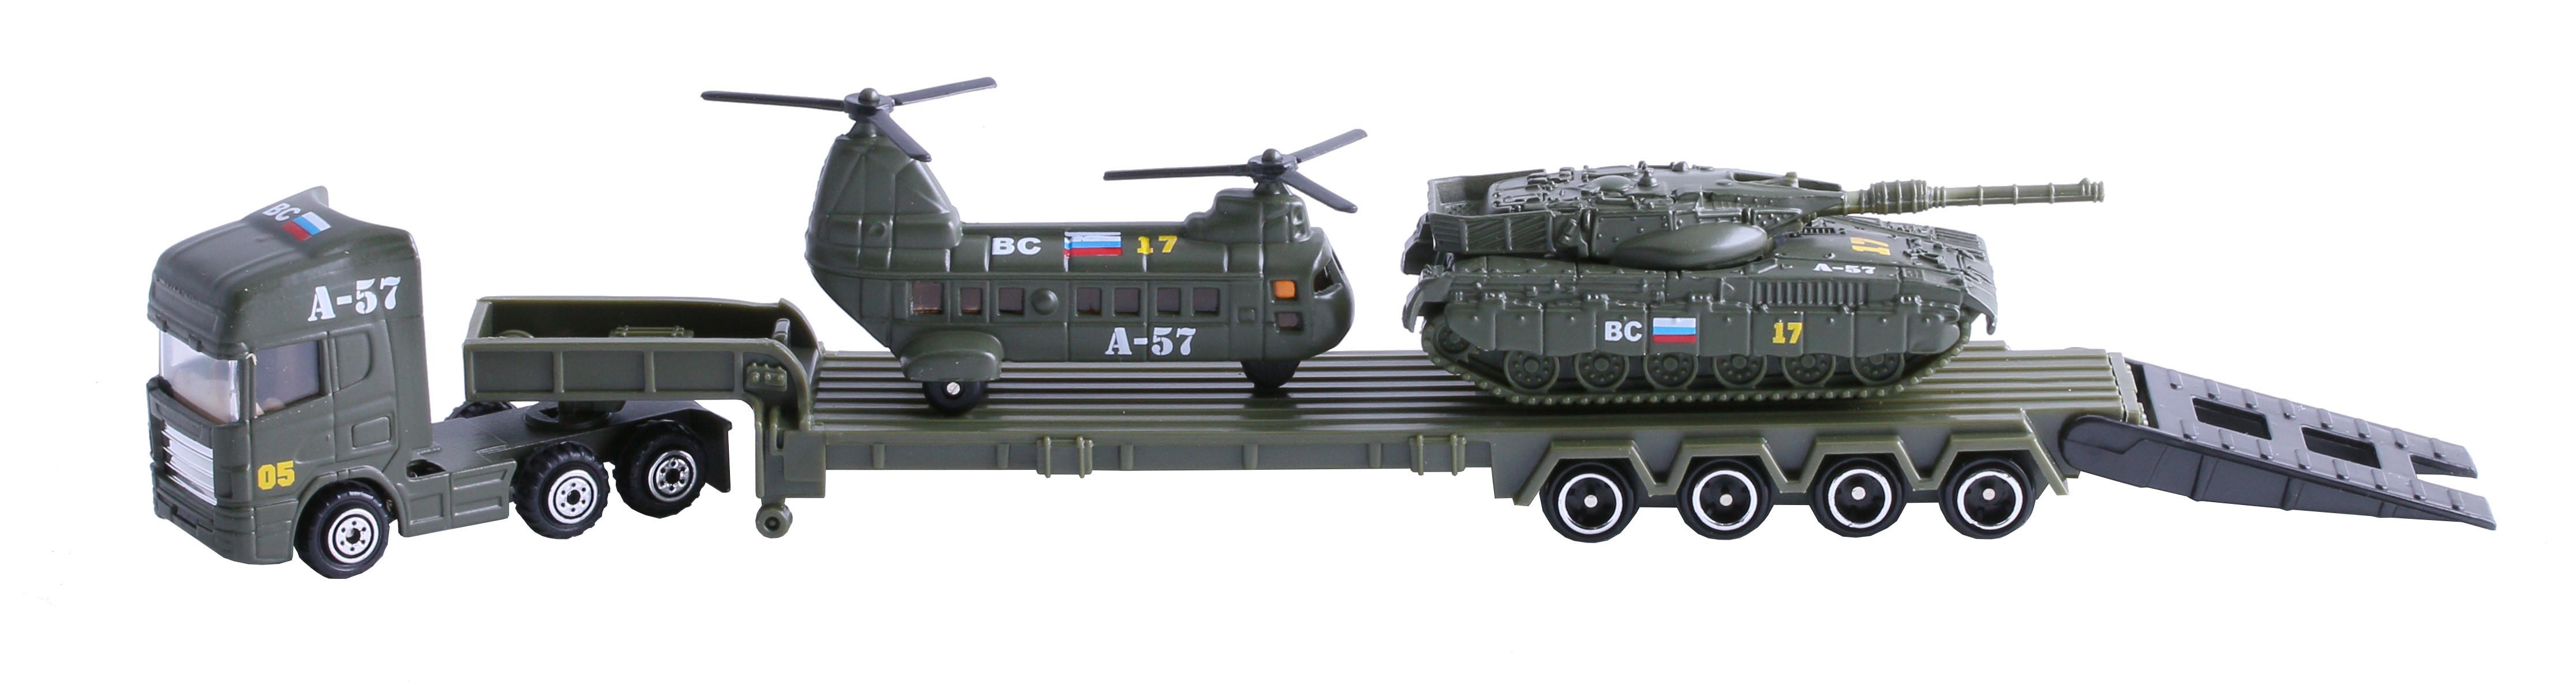 Танки и военная техника WinCars Автоперевозчик. Военная техника 1:70 военная техника технопарк зил будка военная 12 см x600 h09129 r